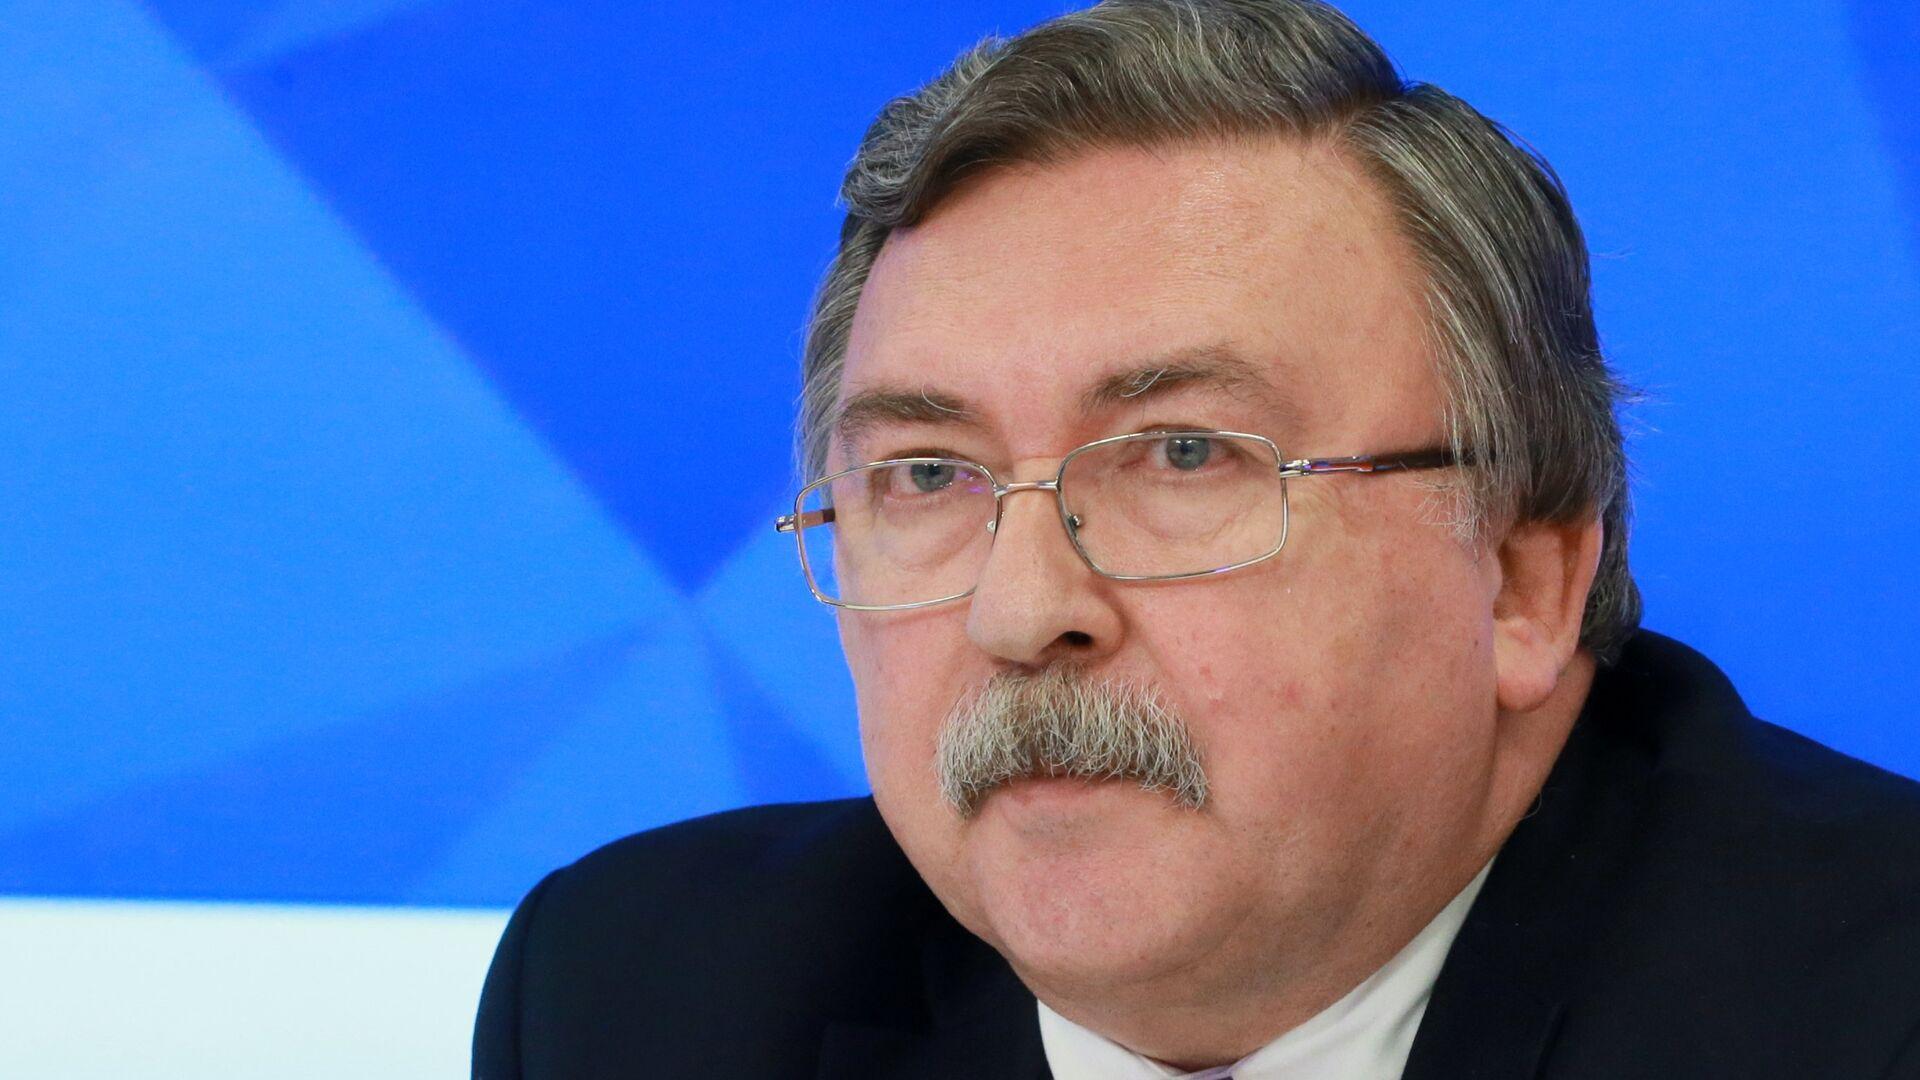 """Постпред в Вене призвал не верить претензиям США о """"вмешательстве"""" России"""